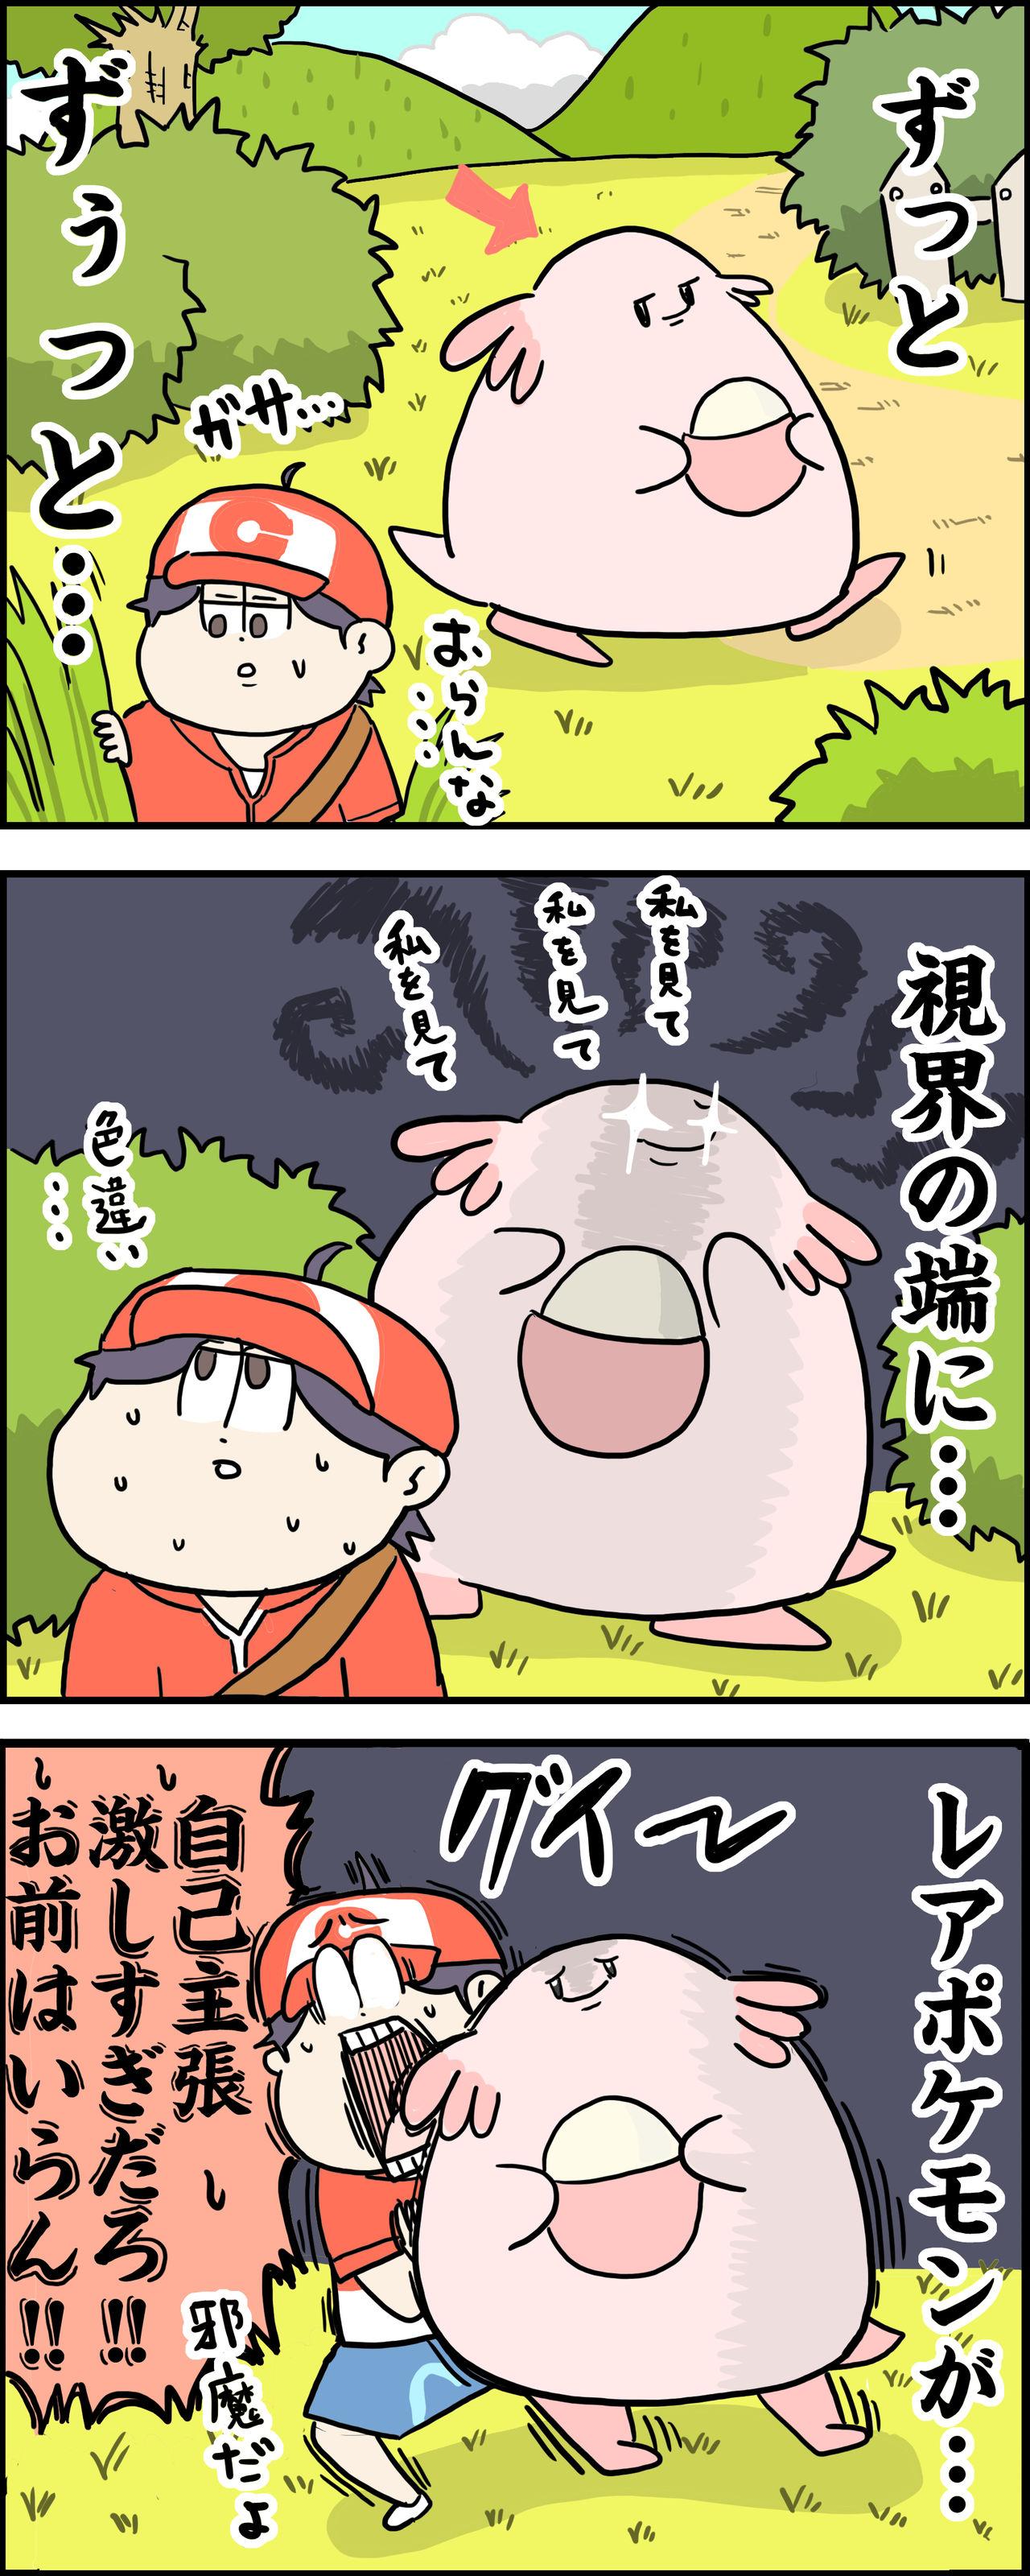 レア 色 違い ポケモン